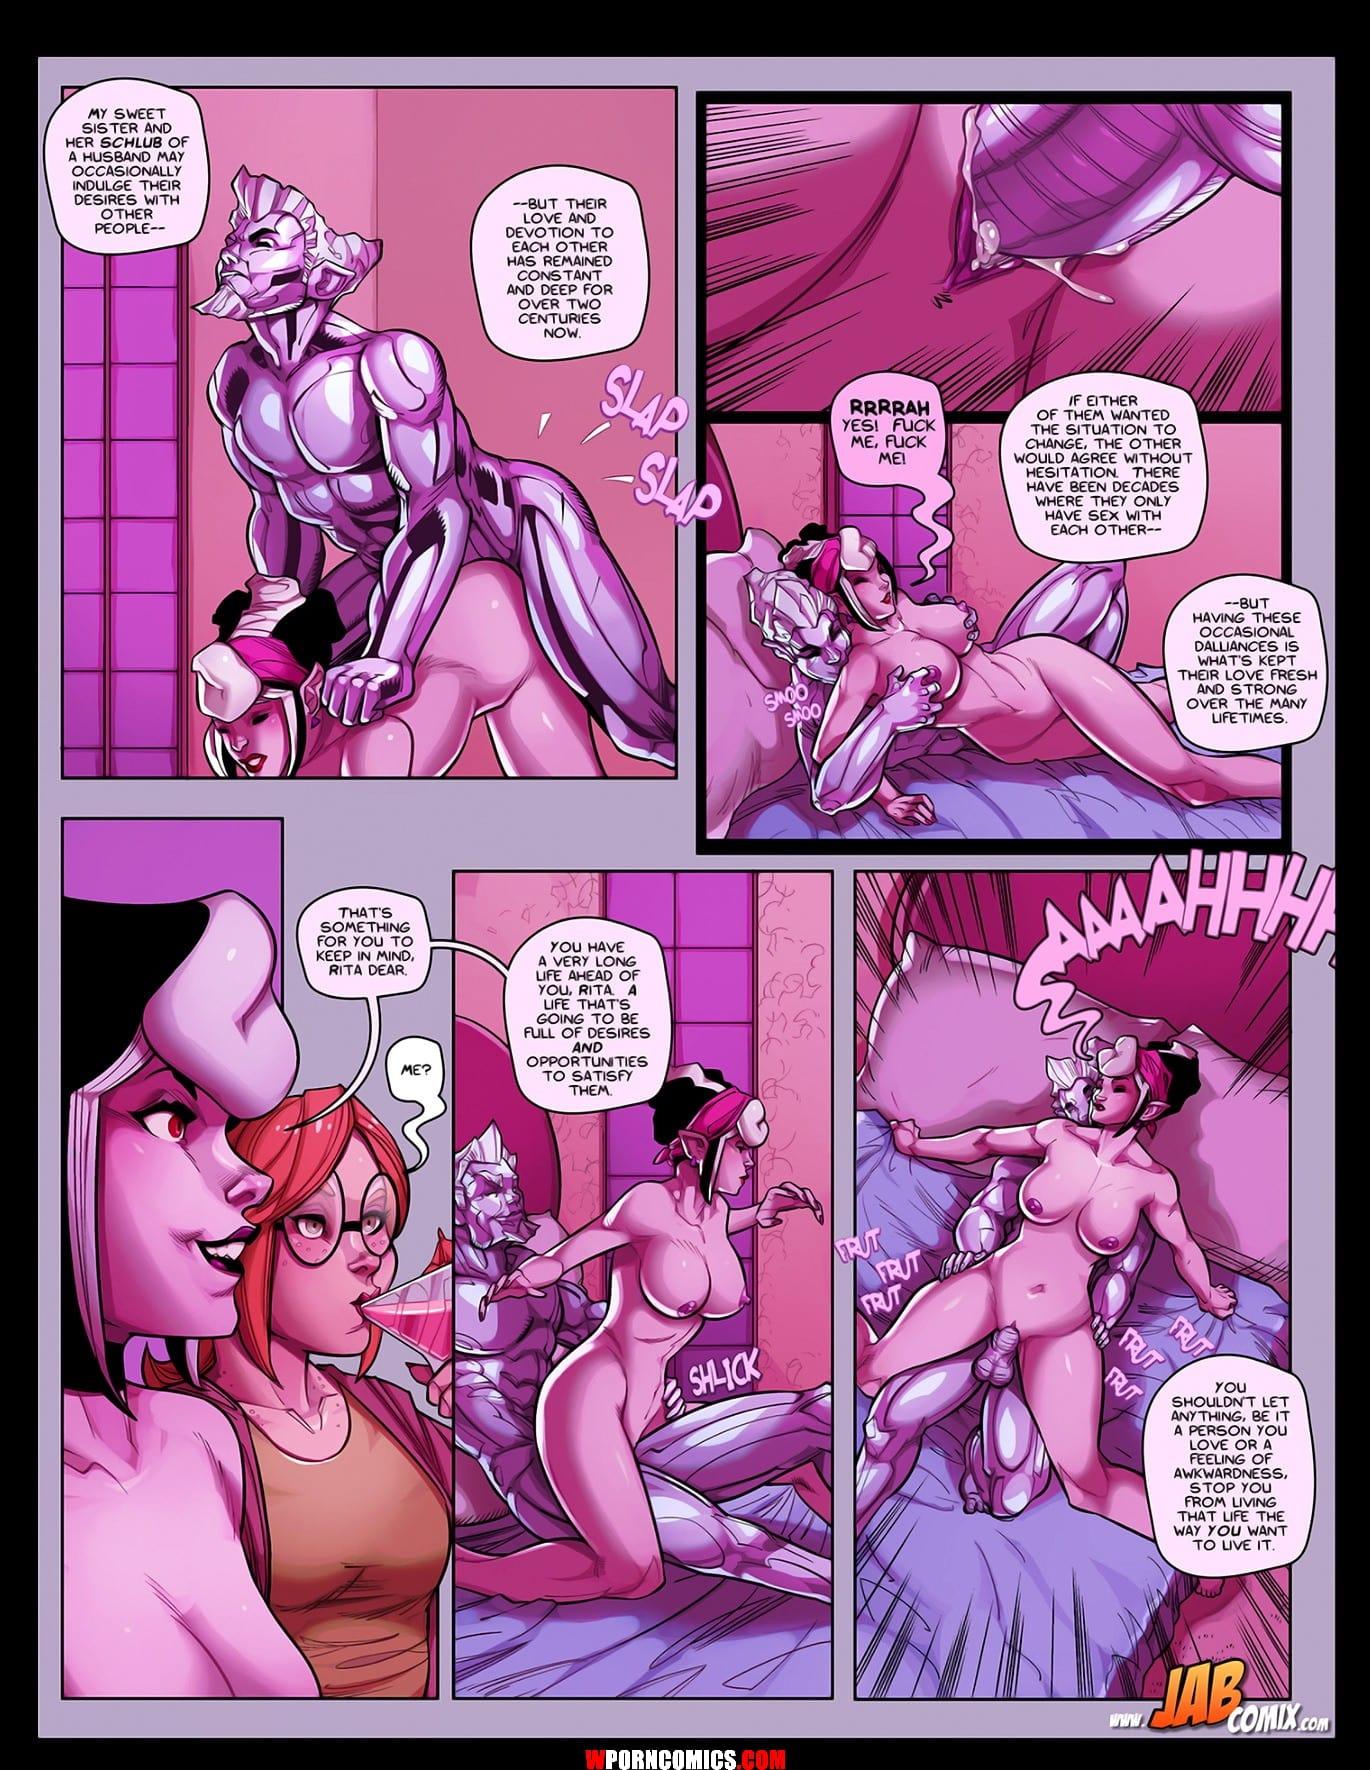 porn-comic-the-creepies-part-4-2020-02-14/porn-comic-the-creepies-part-4-2020-02-14-47877.jpg